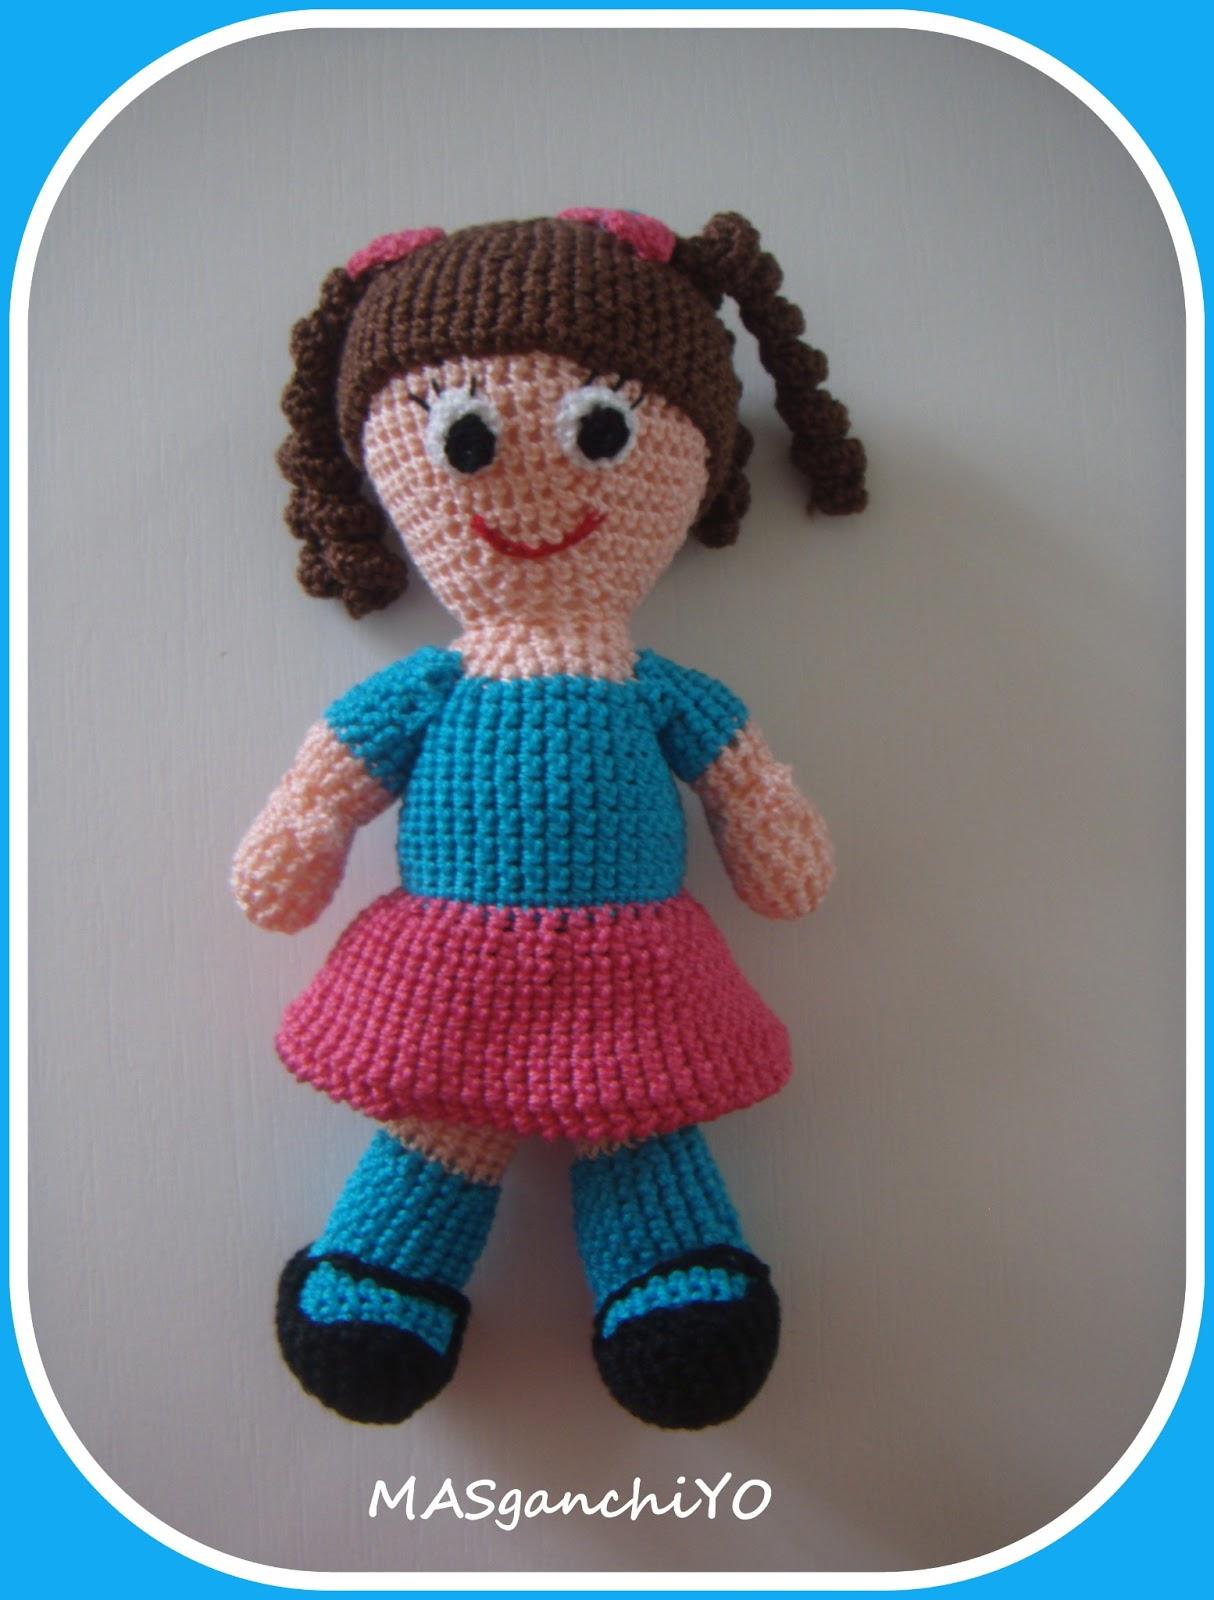 MASganchiYO: Muñequitas de crochet